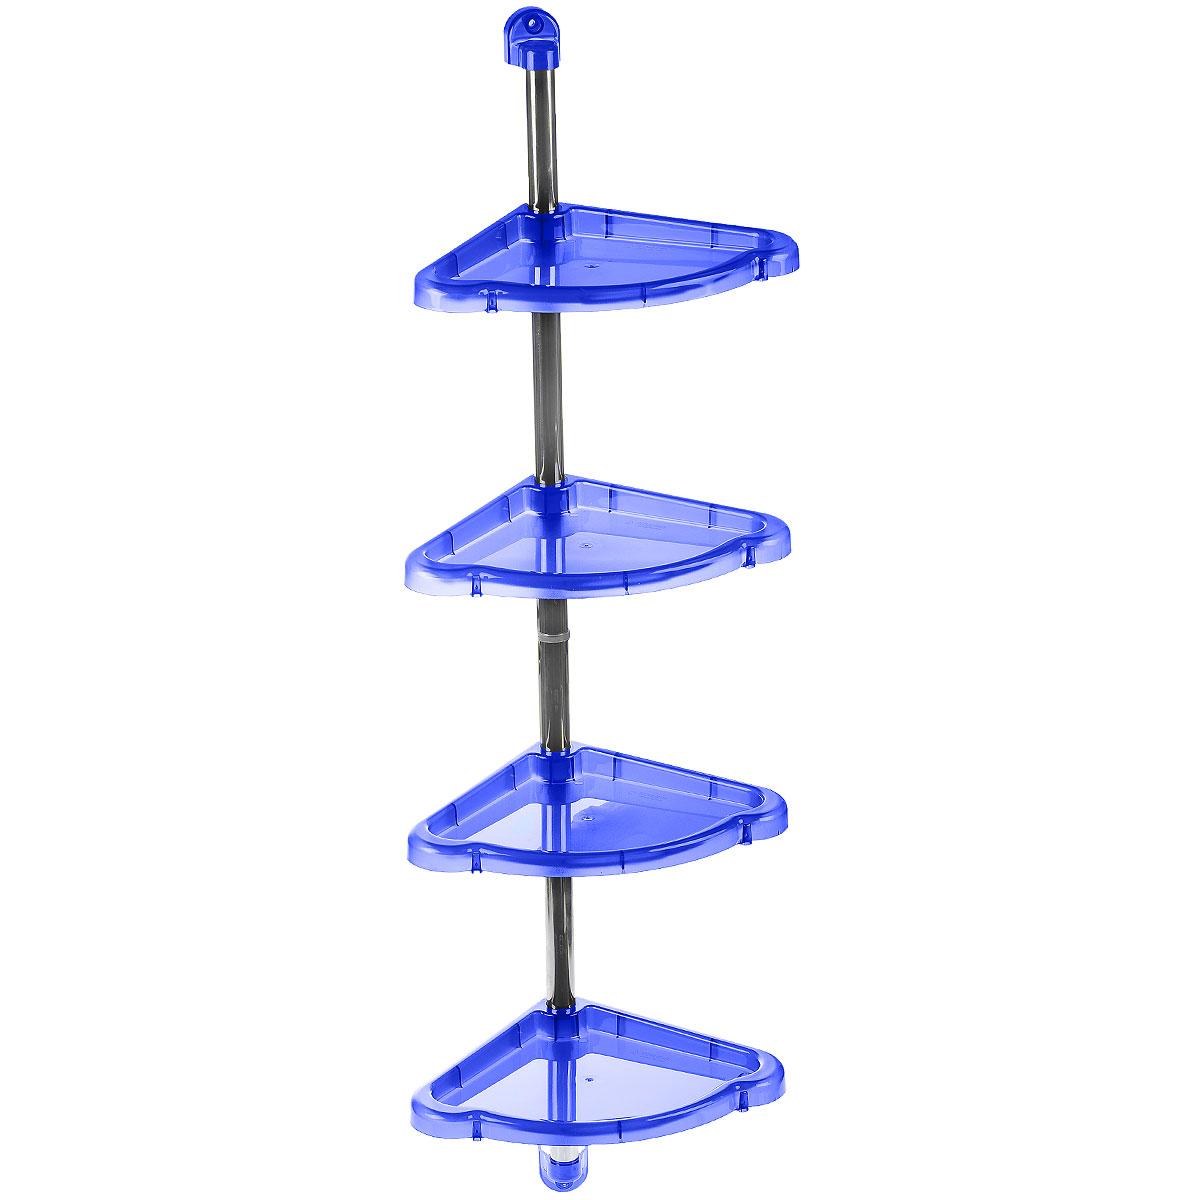 """Угловая этажерка Berossi """"Elancia"""" выполнена из пластика и металла и предназначена для  хранения различных предметов в ванной. Этажерка легко собирается и разбирается. Можно  собрать как двухъярусную, так и четырехъярусную этажерку. У каждой полки по переферии есть  небольшие отверстия, предназначенные для стекания воды.   Этажерка придется особенно кстати, если у вас небольшая ванная: она займет минимум  пространства.  Размер 4-х ярусной этажерки (ДхШхВ): 24 см х 24 см х 98,3 см.  Размер 2-х ярусной этажерки (ДхШхВ): 24 см х 24 см х 53,6 см."""